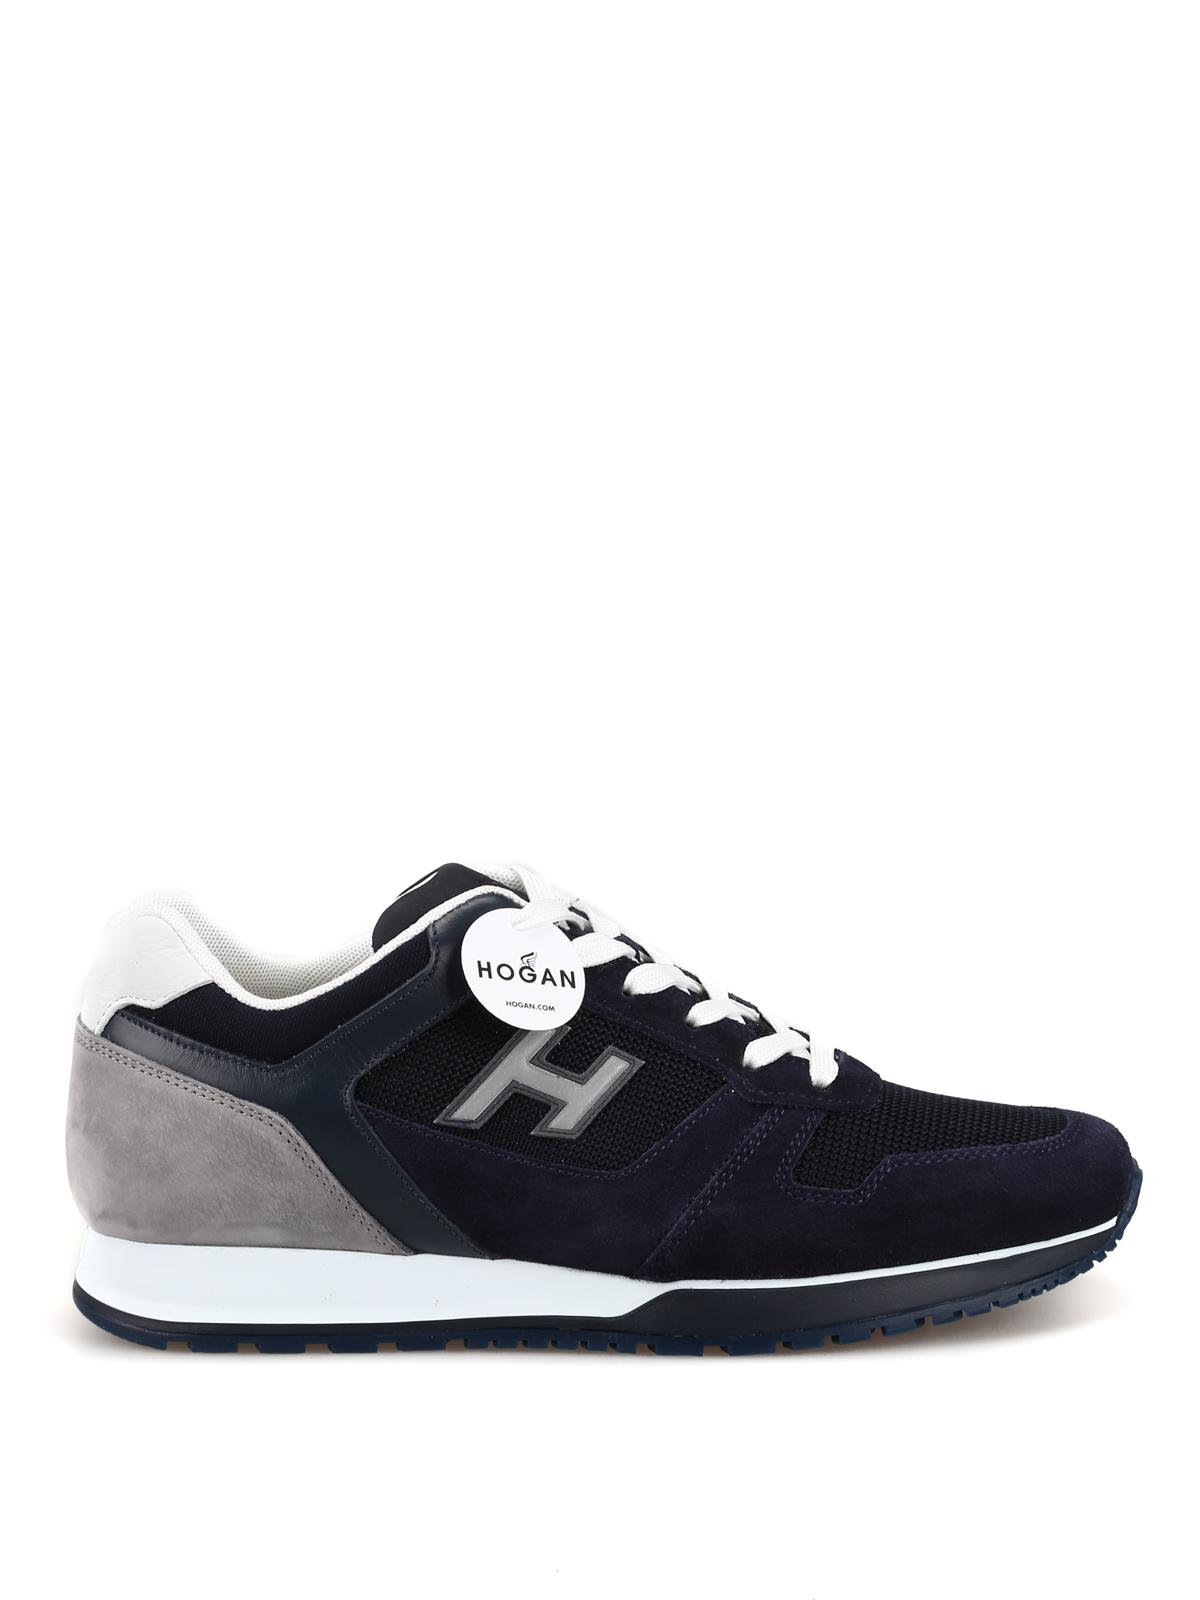 f72c1f3b8329e H321 sneakers with reflective H HXM3210Y861KEH6EDU - HOGAN scarpe - Paolo  Fiorillo